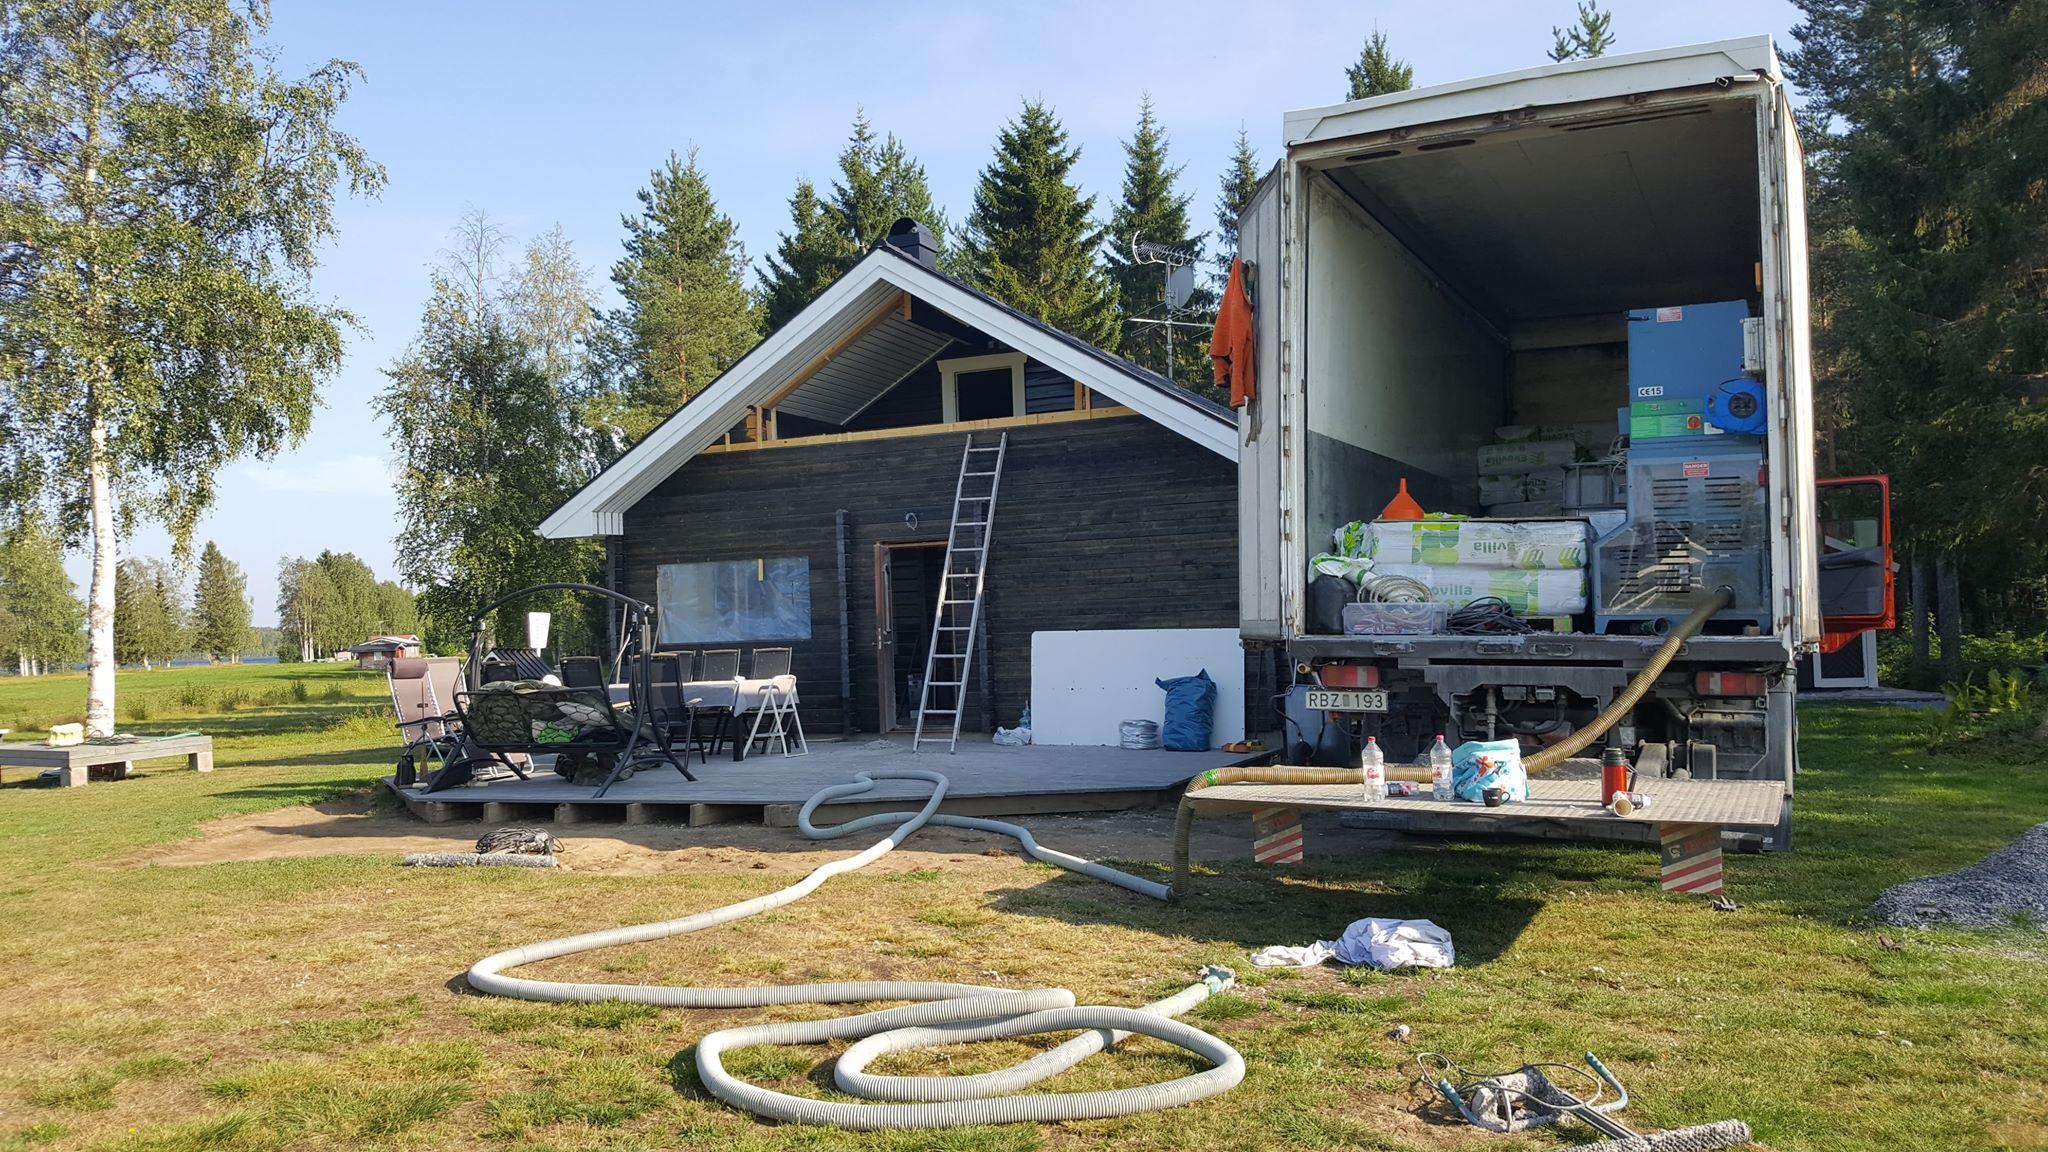 Limmar cellulosaisolering på insidan av timmerhus i Boden